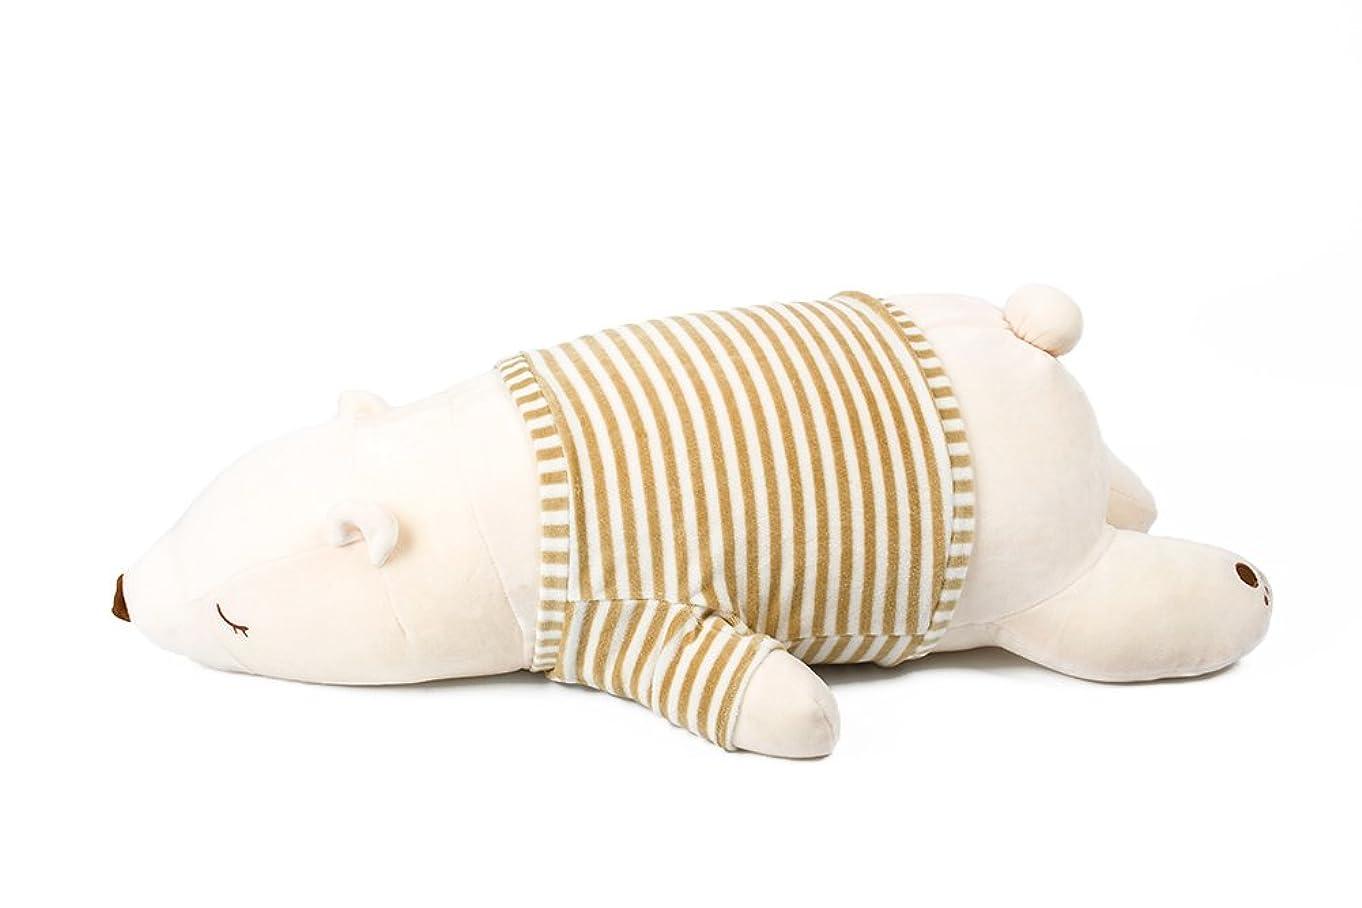 描く月曜を除くIKASA 抱き枕 プレミアム ねむねむ くま とろけるような肌触り クマ 柔らかい ぬいぐるみ だきまくら クッション すやすや寝る 熊 Lサイズ ホワイト 76x33x23cm